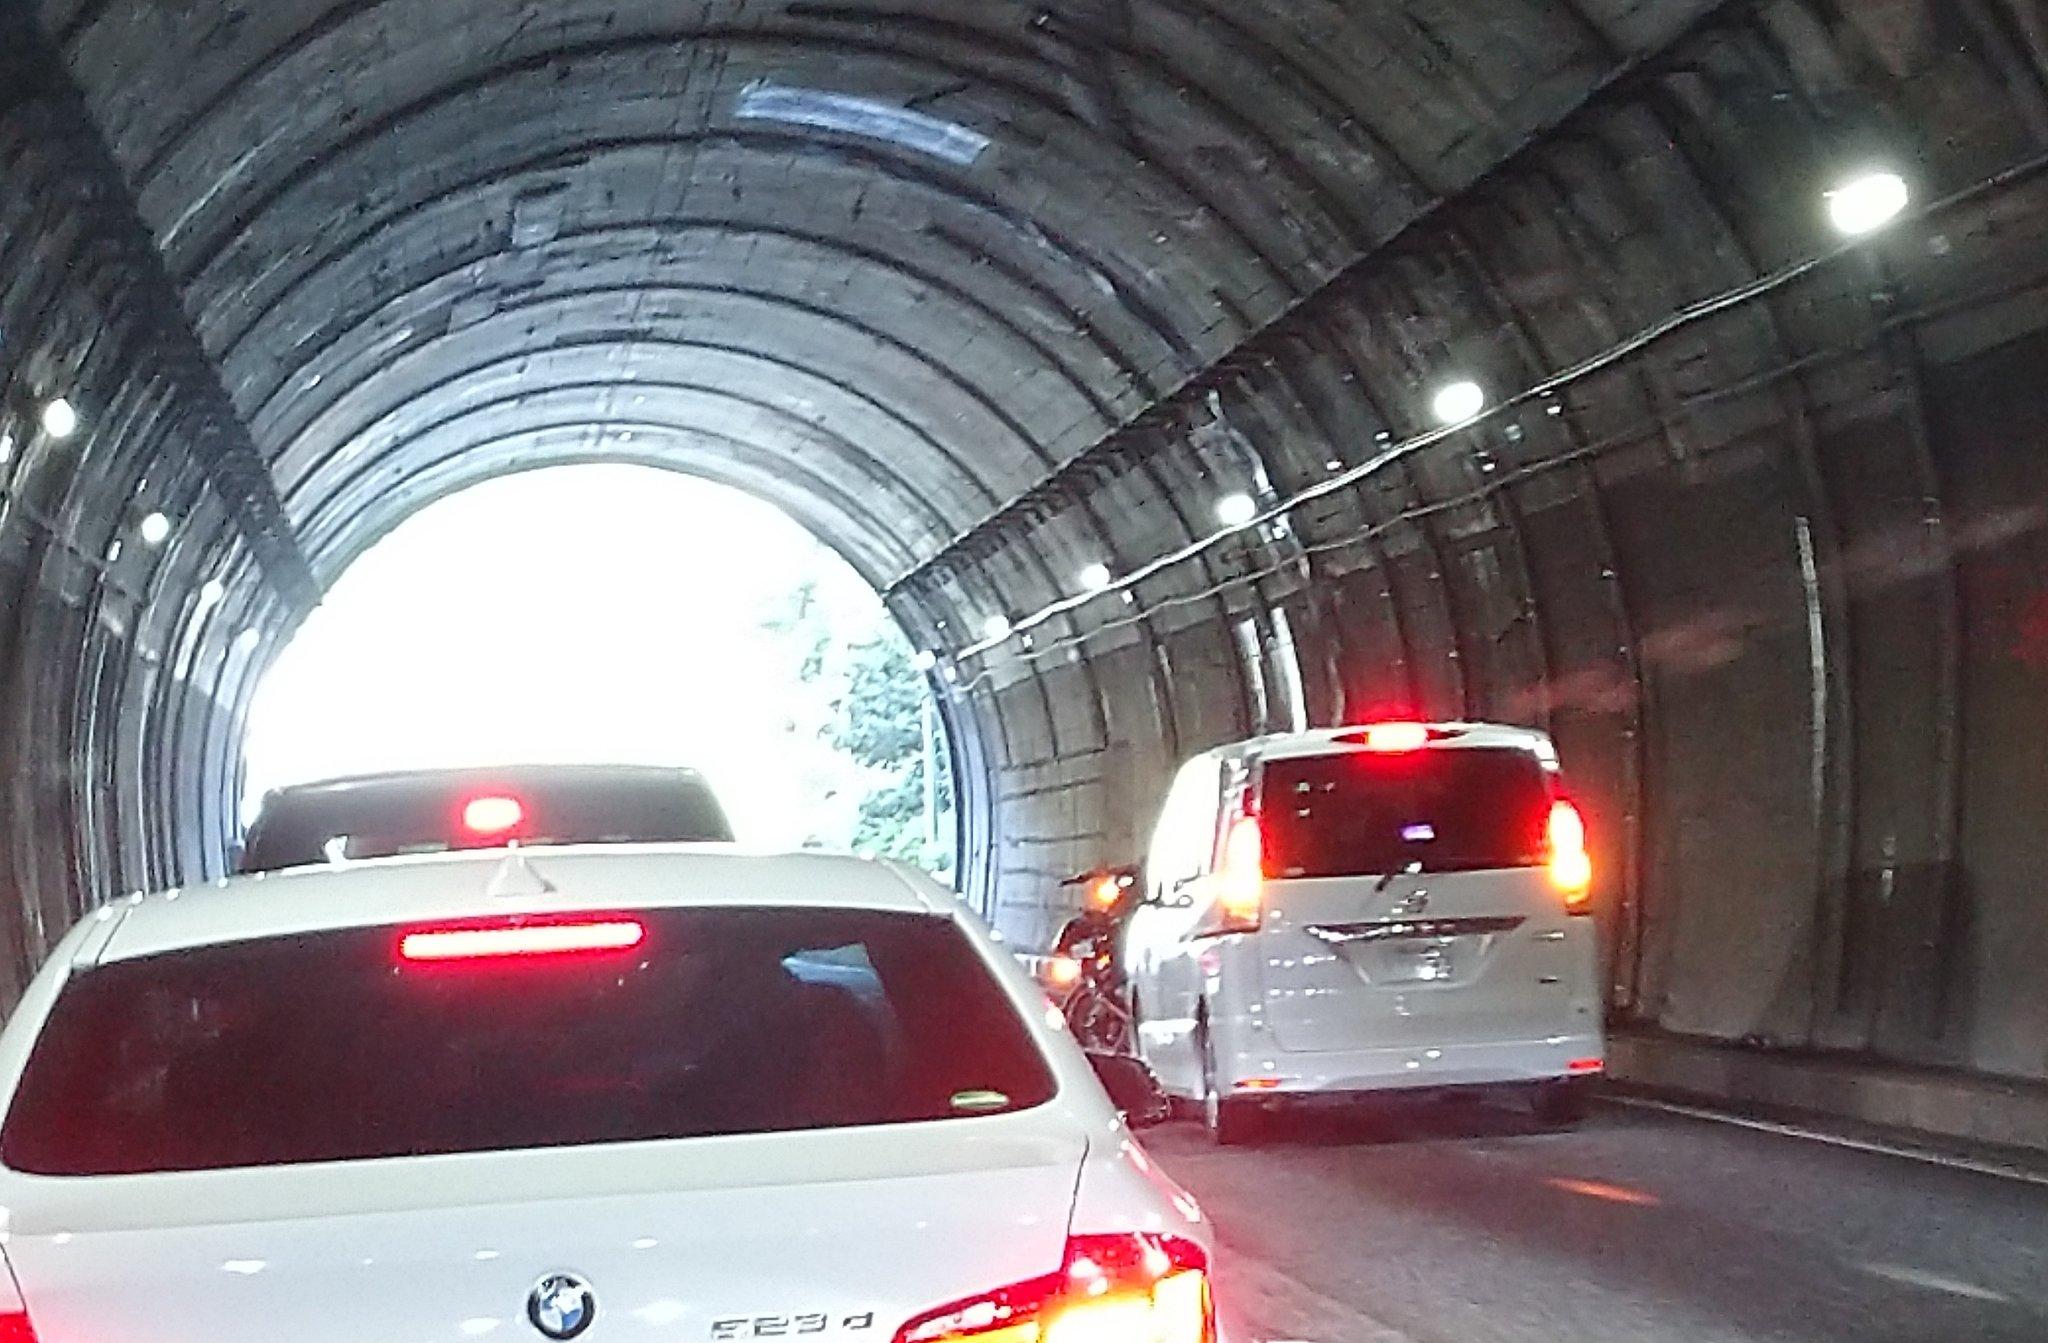 画像,中央道下り線、日影トンネル内で事故。トンネル内にはバイク2台とワンボックスカー。出たところにもう1台ワンボックス。けが人出てないといいけど…部品も散乱してるので…